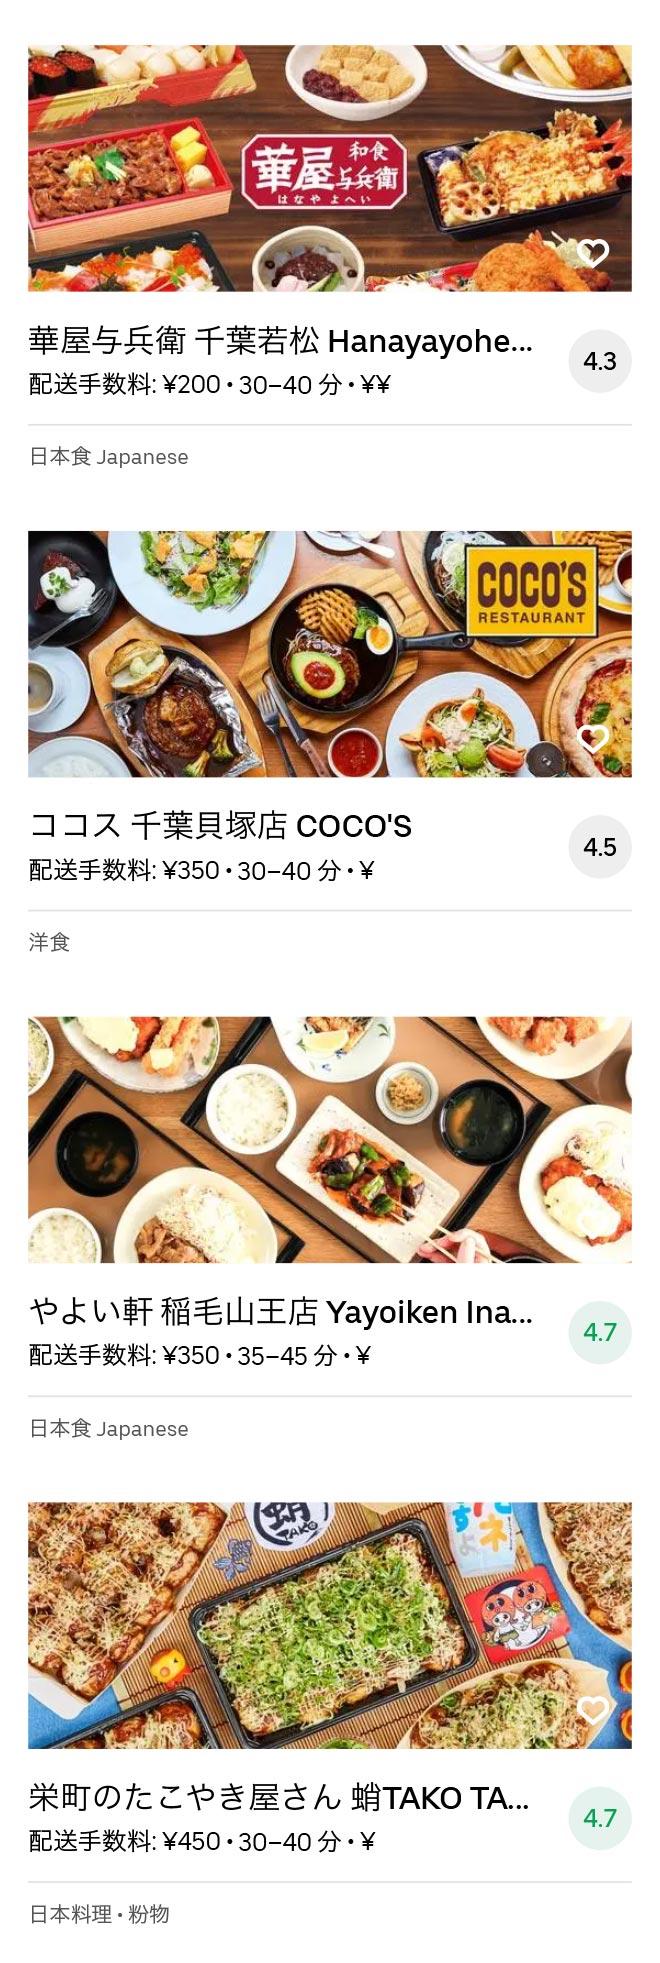 Tsuga menu 2010 11